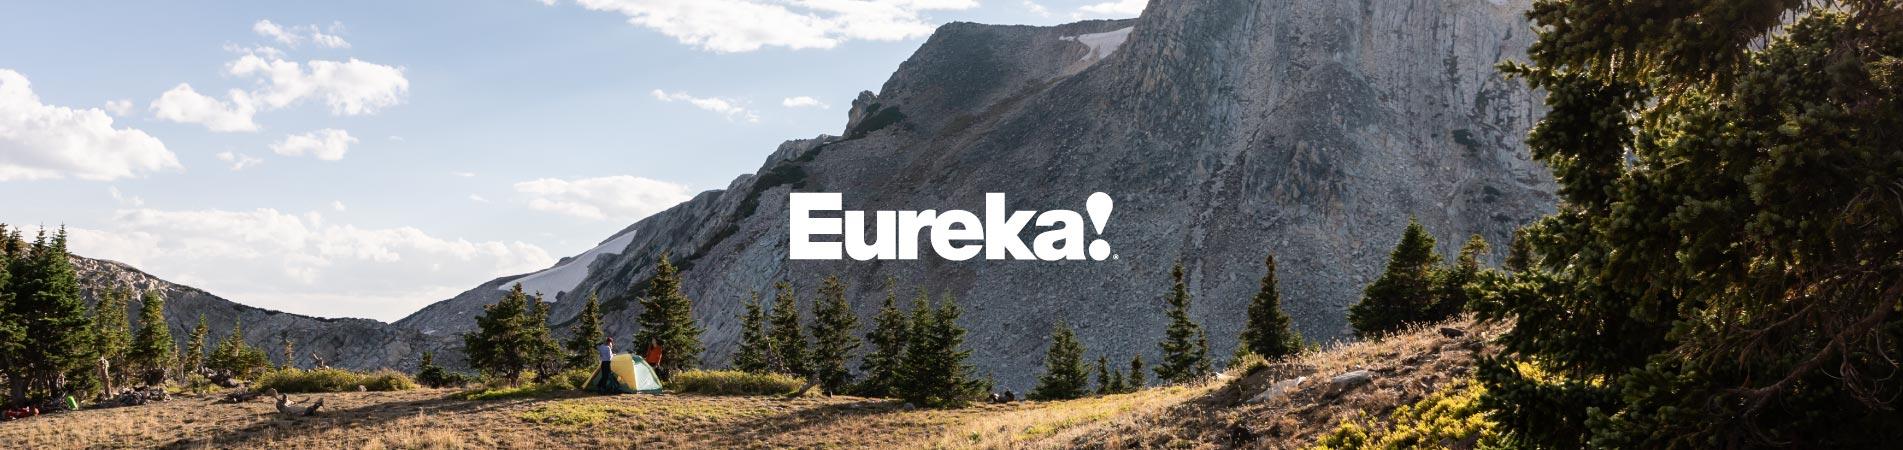 eureka-v1r0.jpg